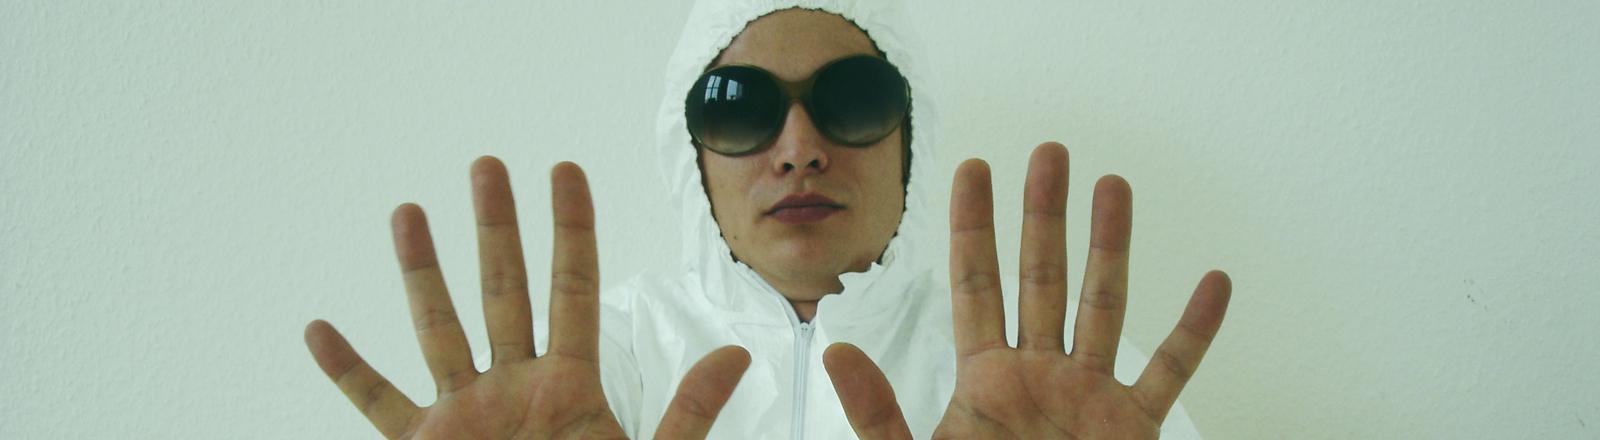 Ein Mann in einem weißen Schutzanzug und schwarzer Brille hält die Hände schützend vor sich.